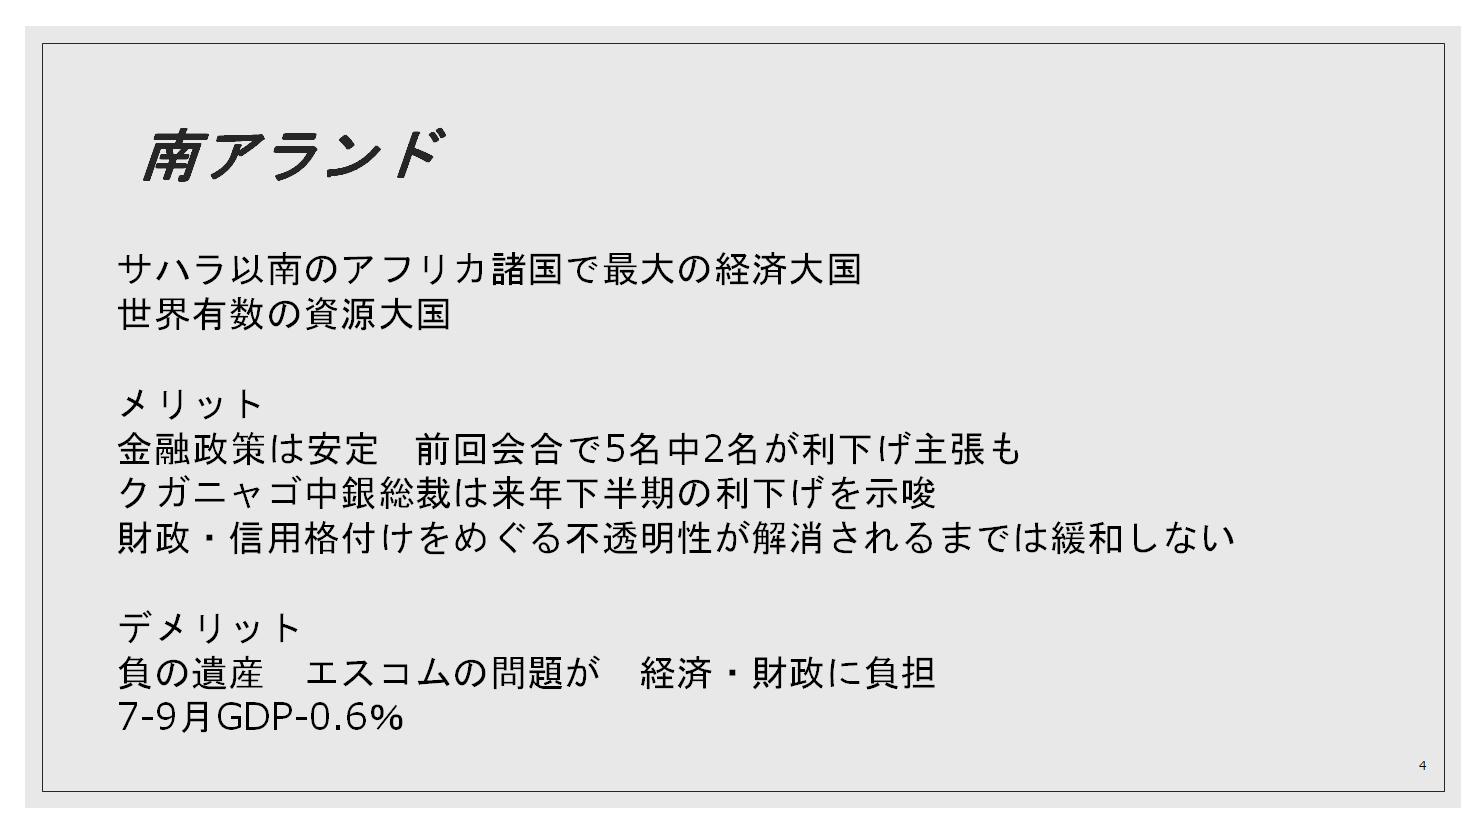 山岡氏資料 1